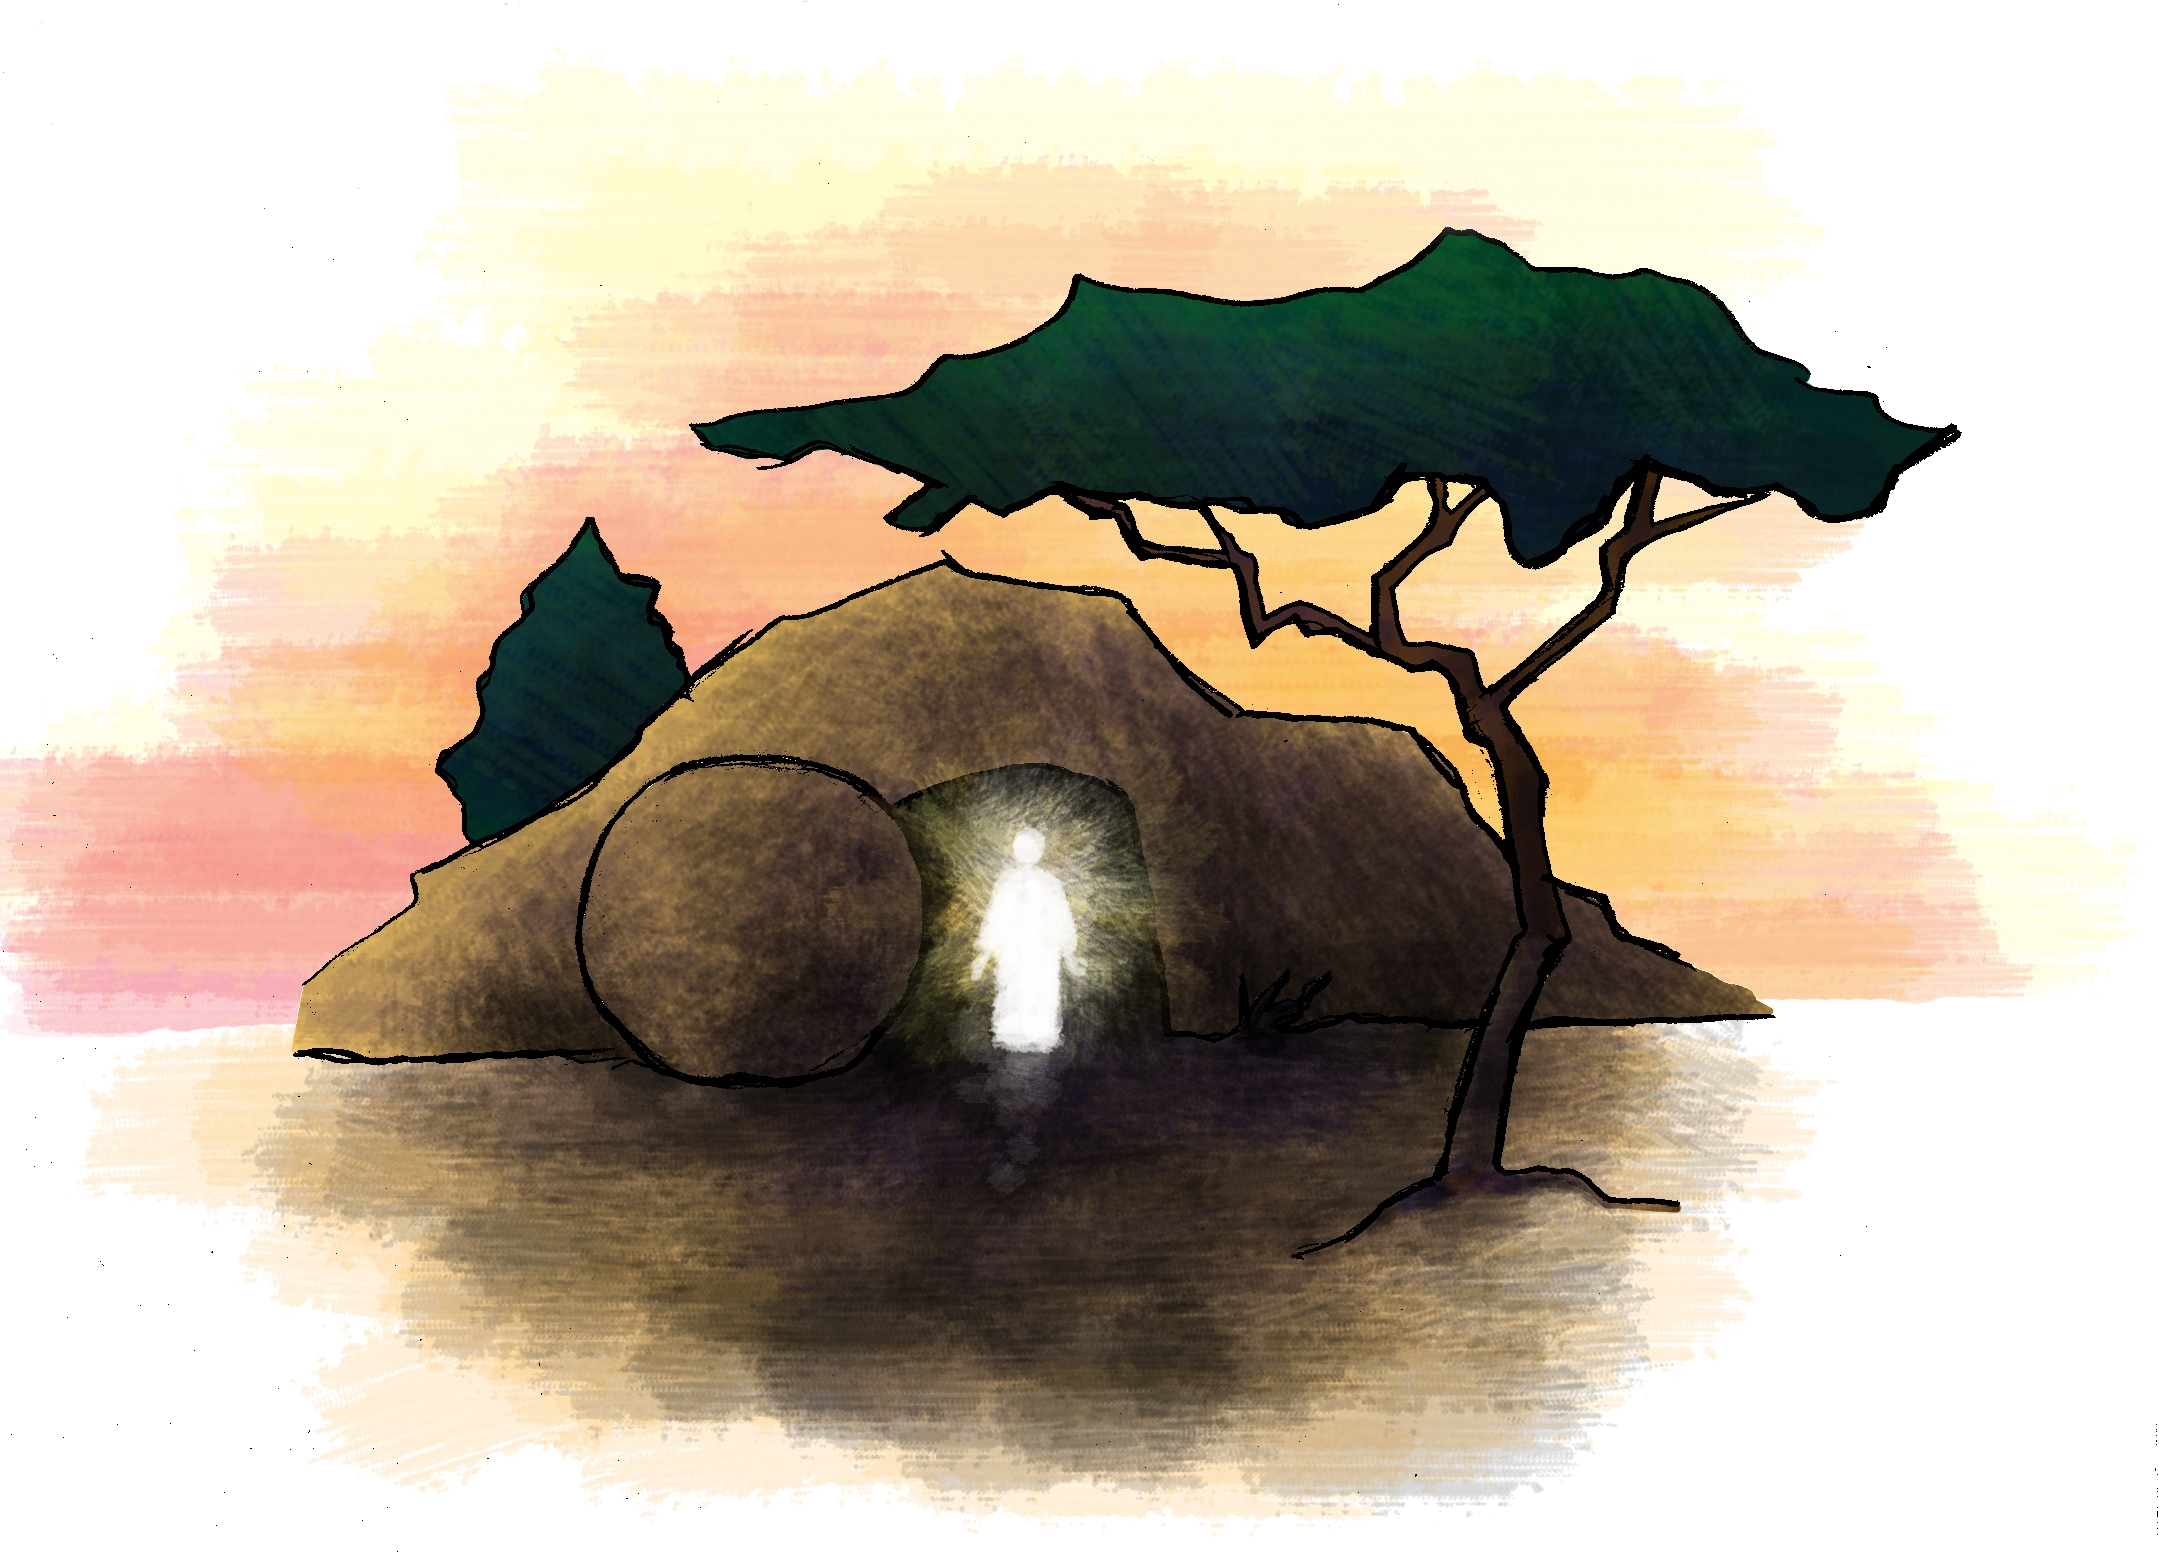 Résurrection - Des frères en chemin